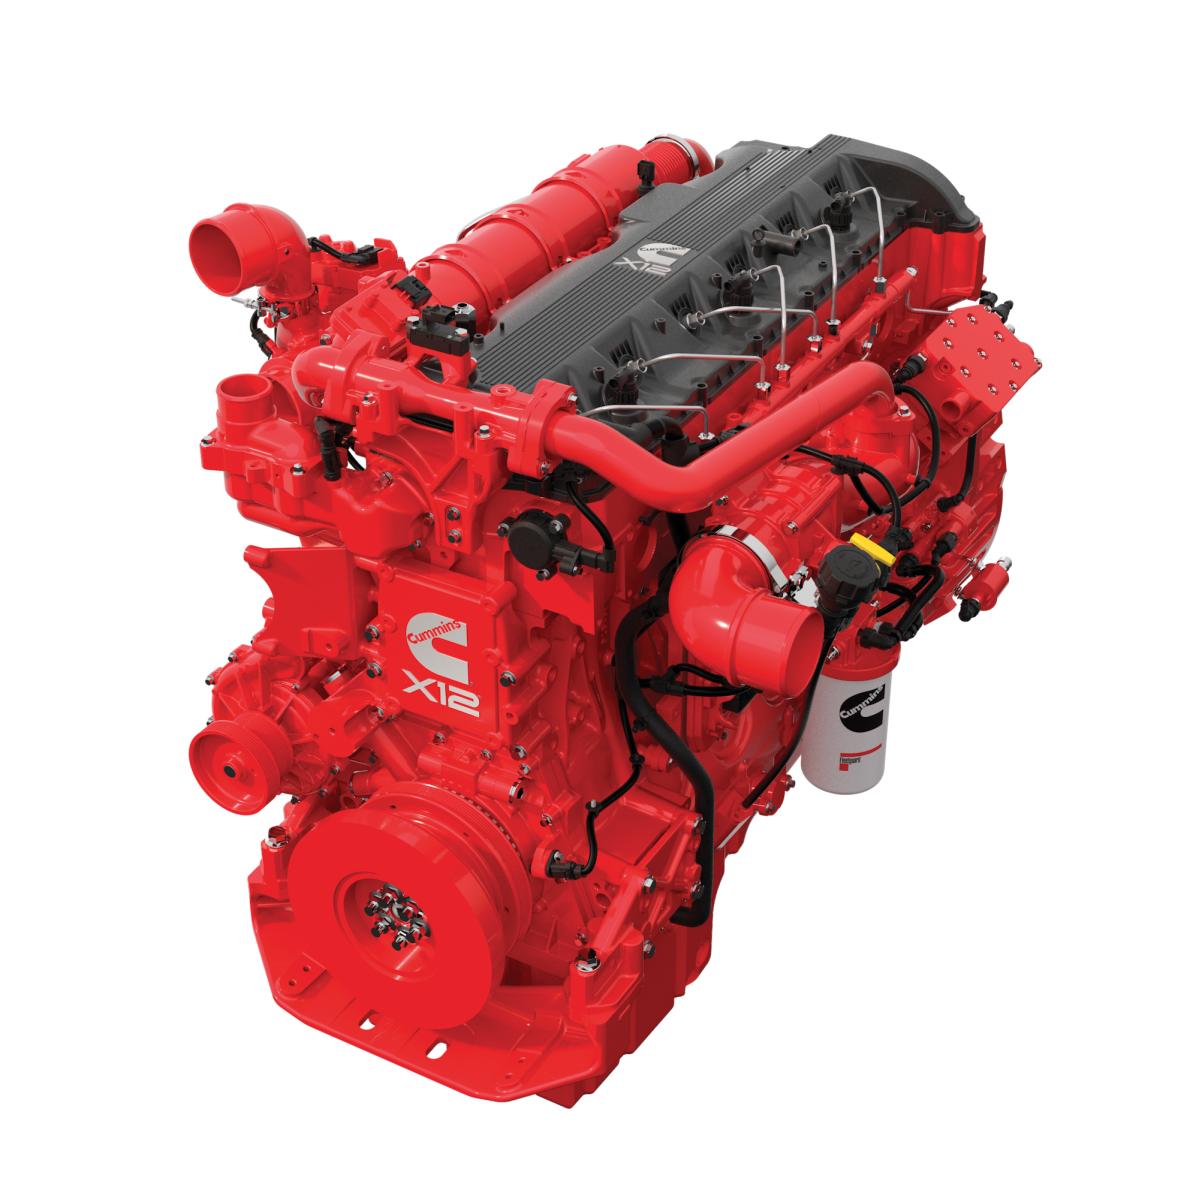 カミンズ:X12エンジンを米国オートカー社に提供へ